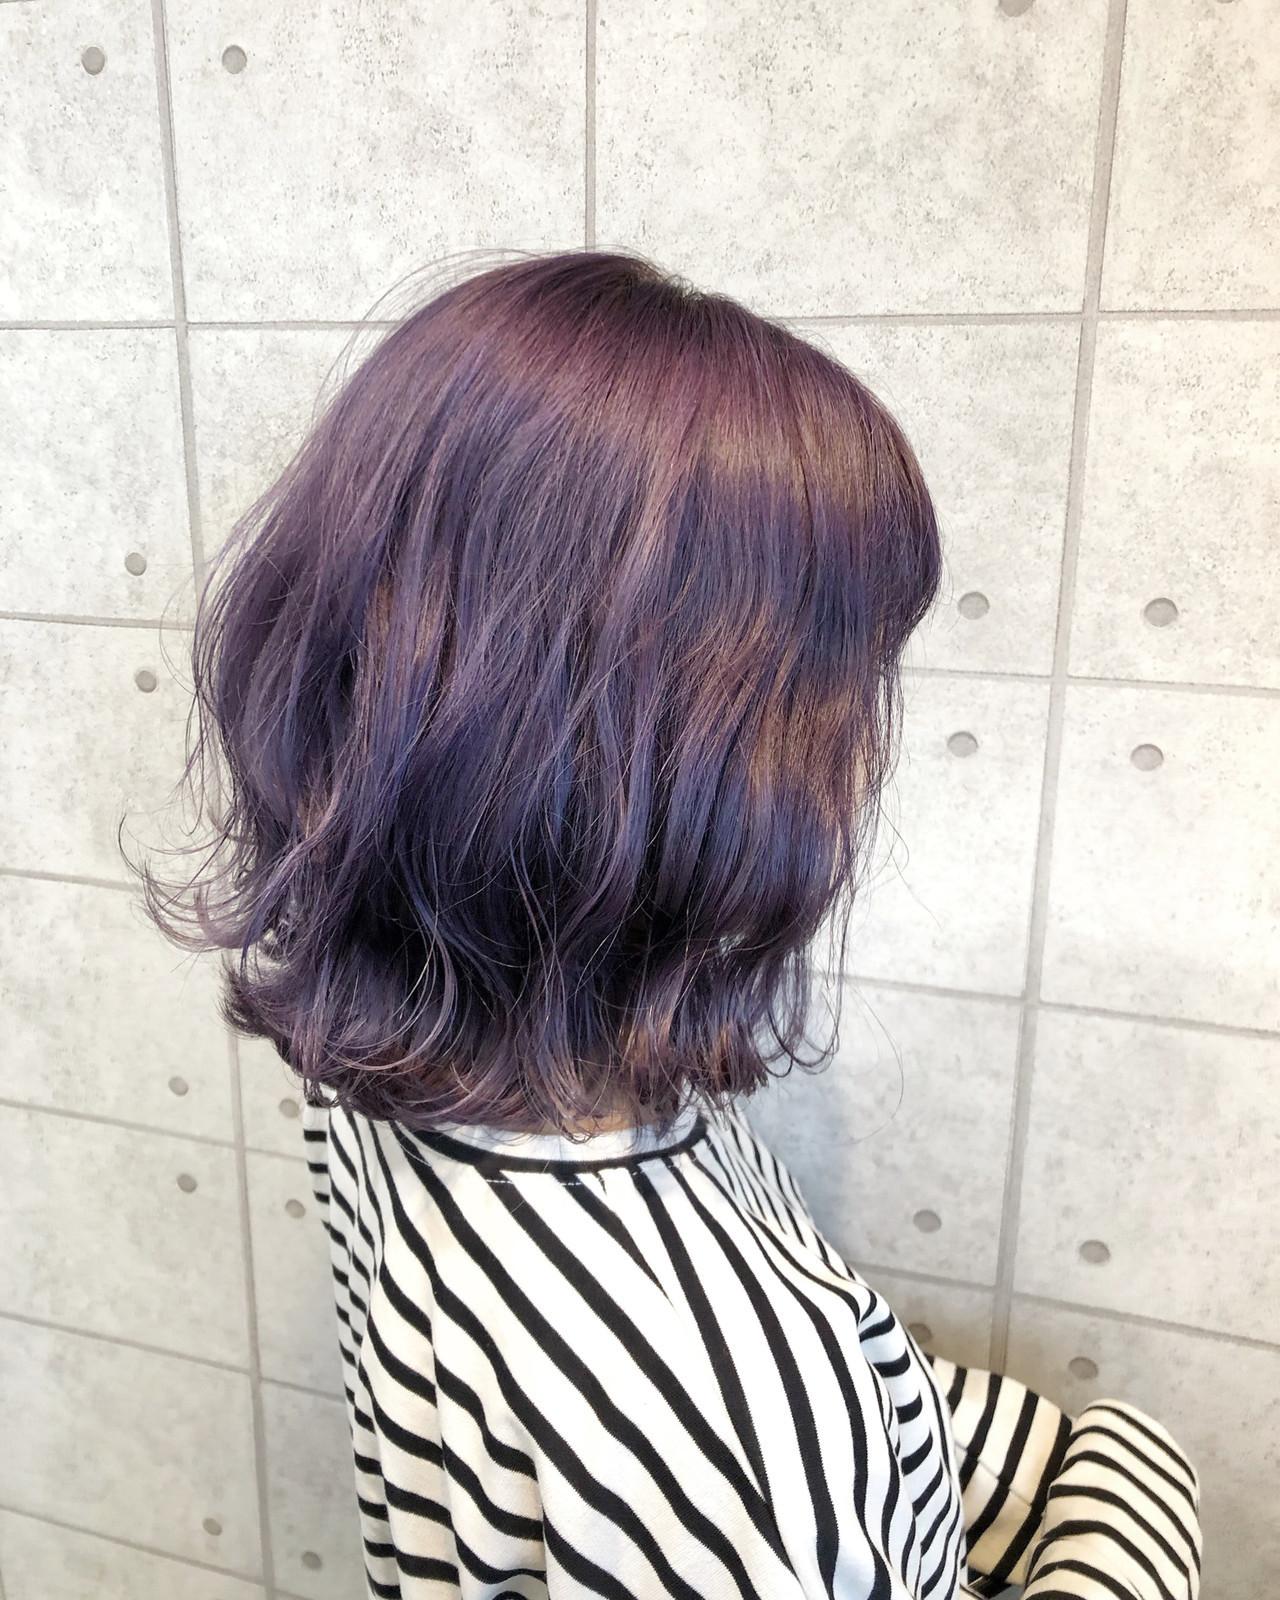 パープルカラー ミディアム 切りっぱなしボブ イルミナカラー ヘアスタイルや髪型の写真・画像